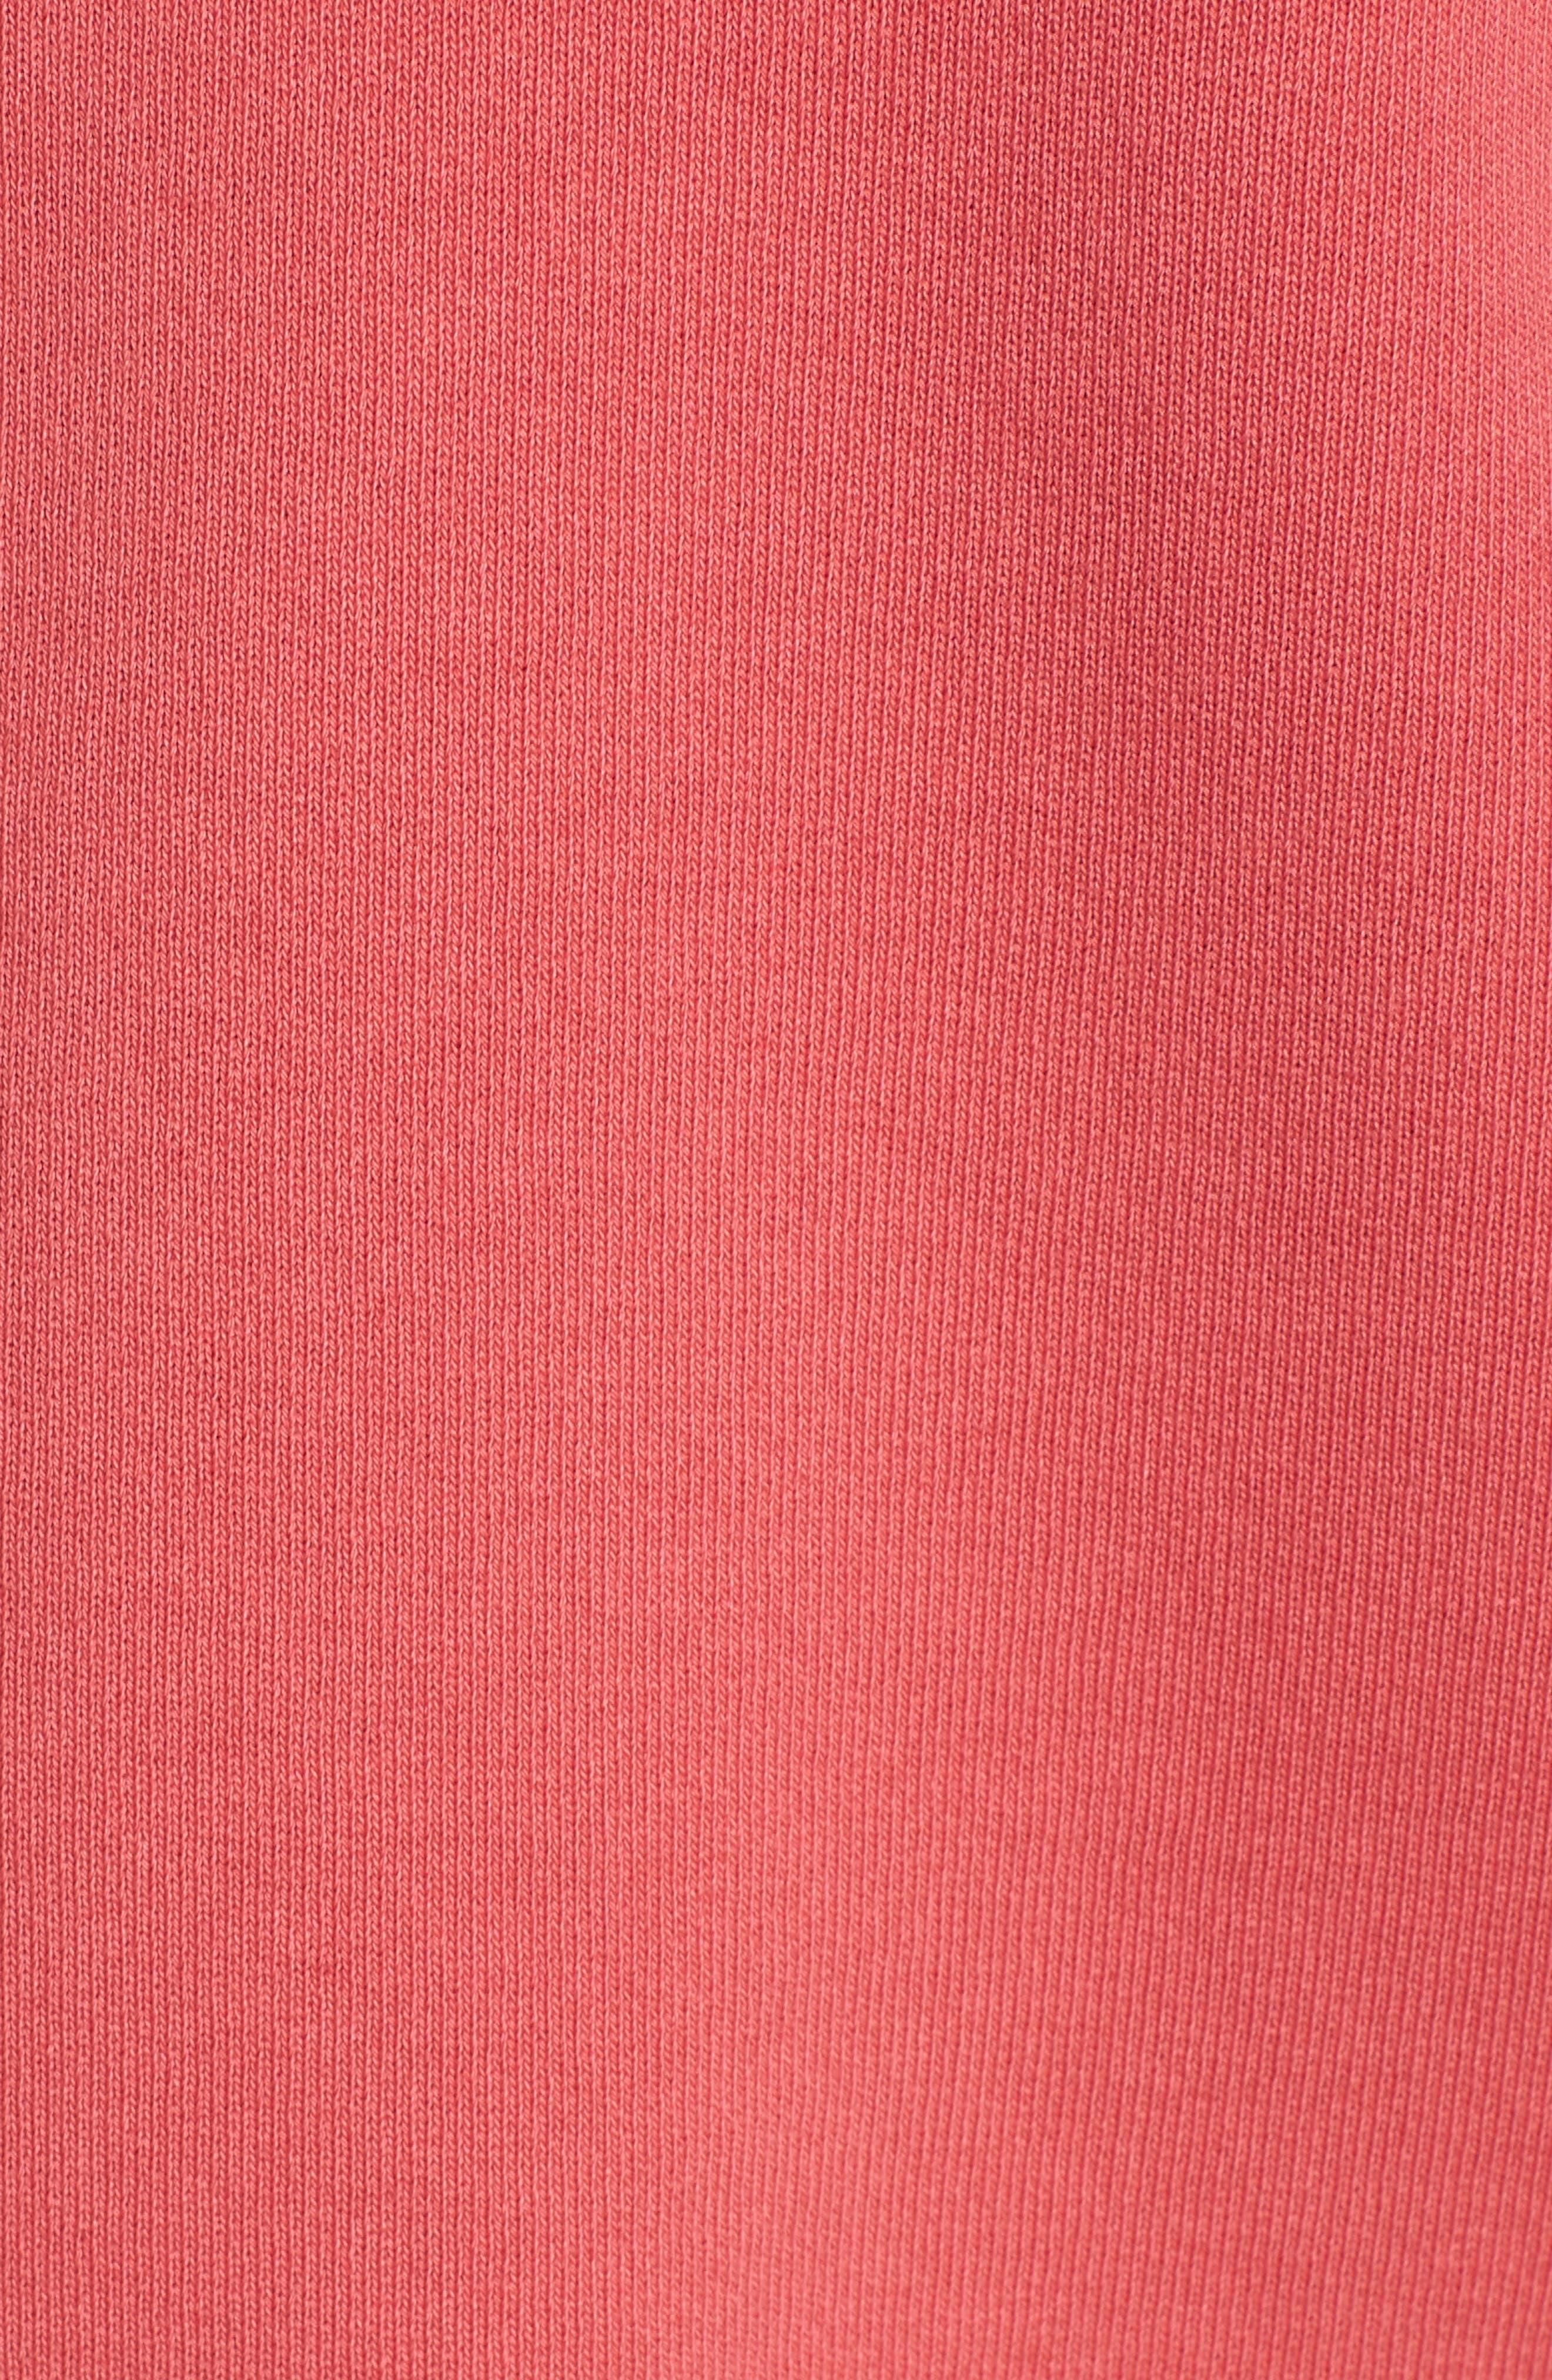 Zip Hoodie,                             Alternate thumbnail 5, color,                             Vintage Red